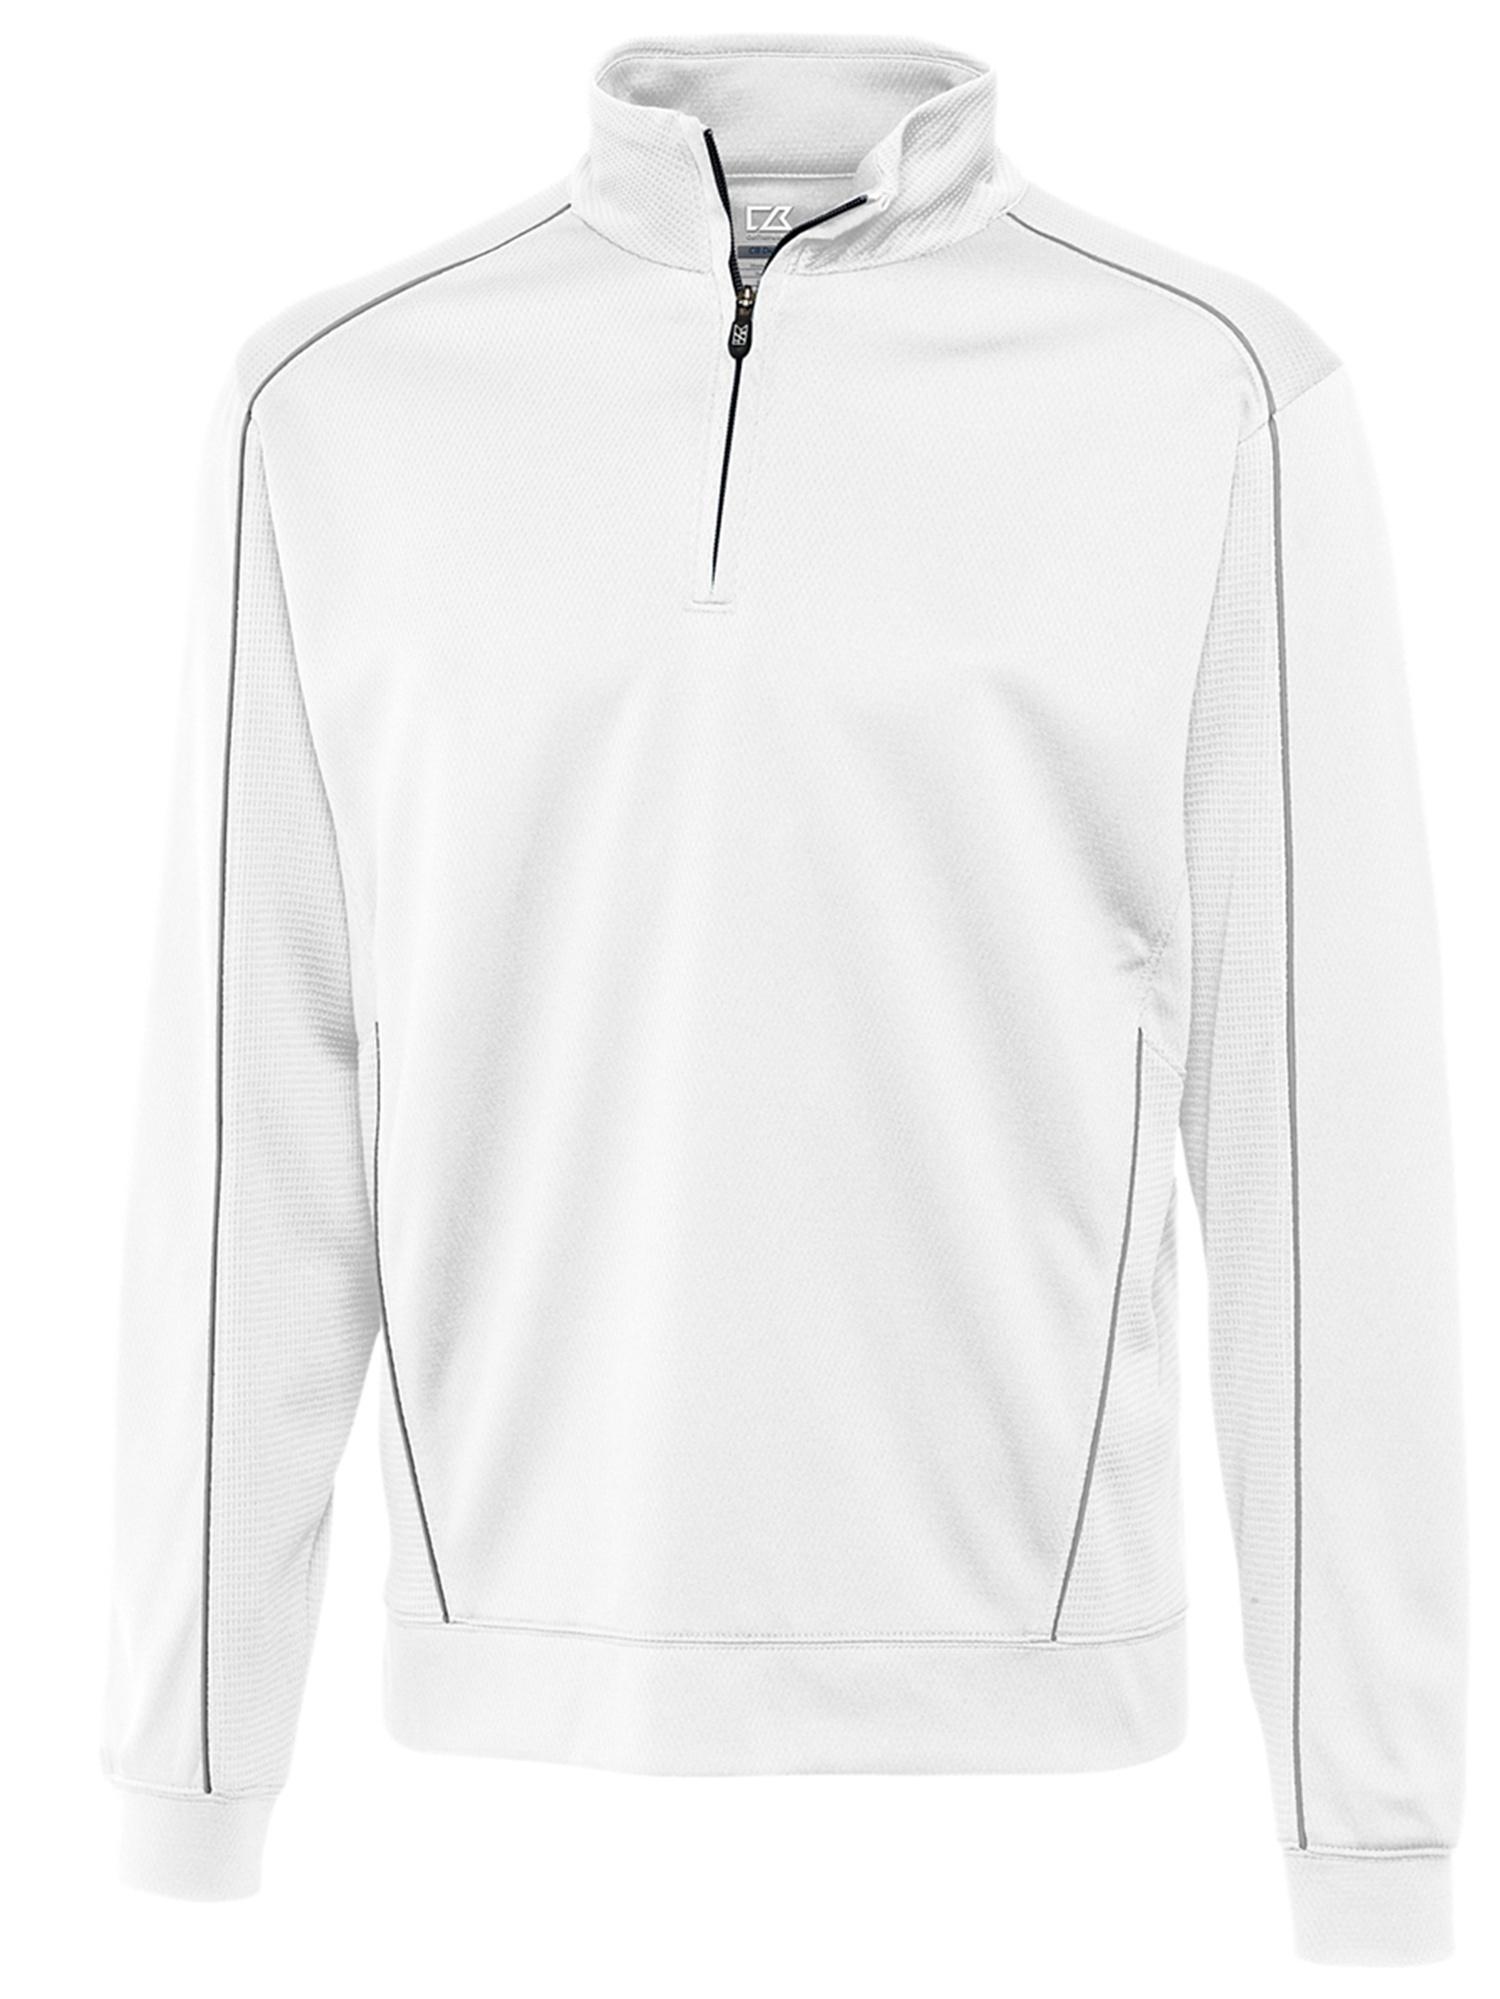 Cutter & Buck Men's Comfort Moisture Wicking Half Zip Pullover